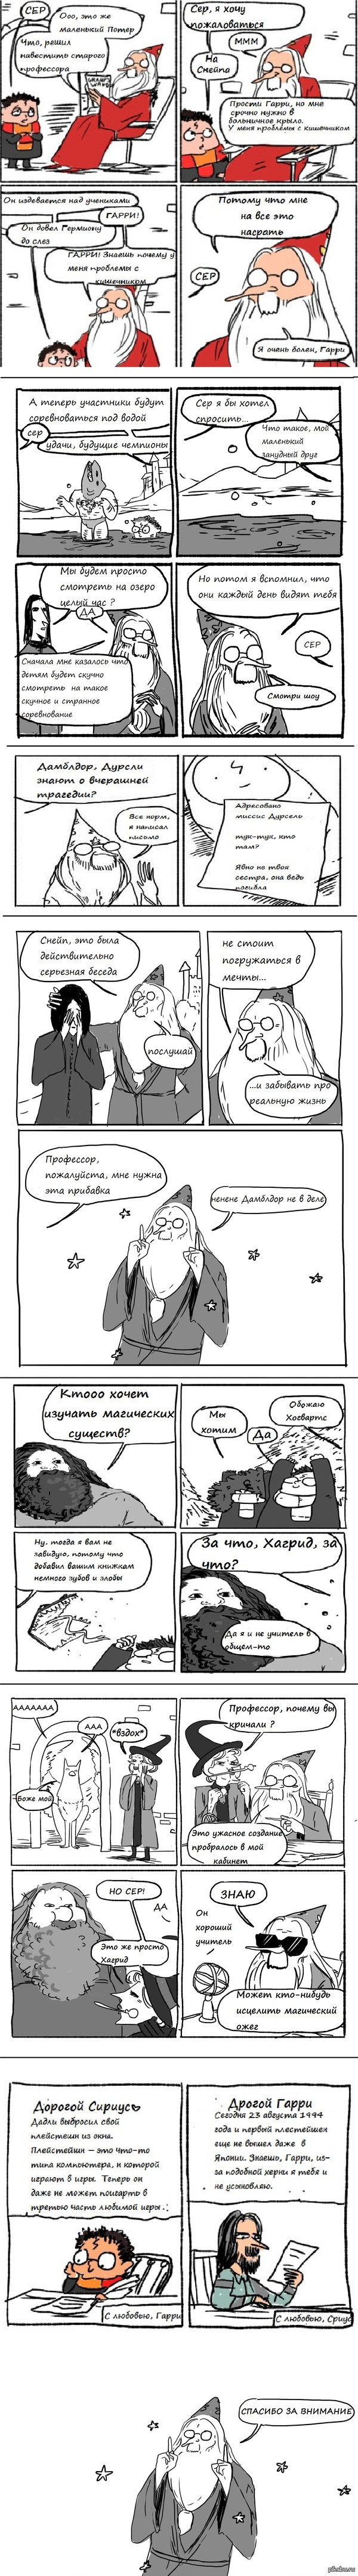 Подборка комиксов про Дамблдора Простите за шакализацию и прочие кривости